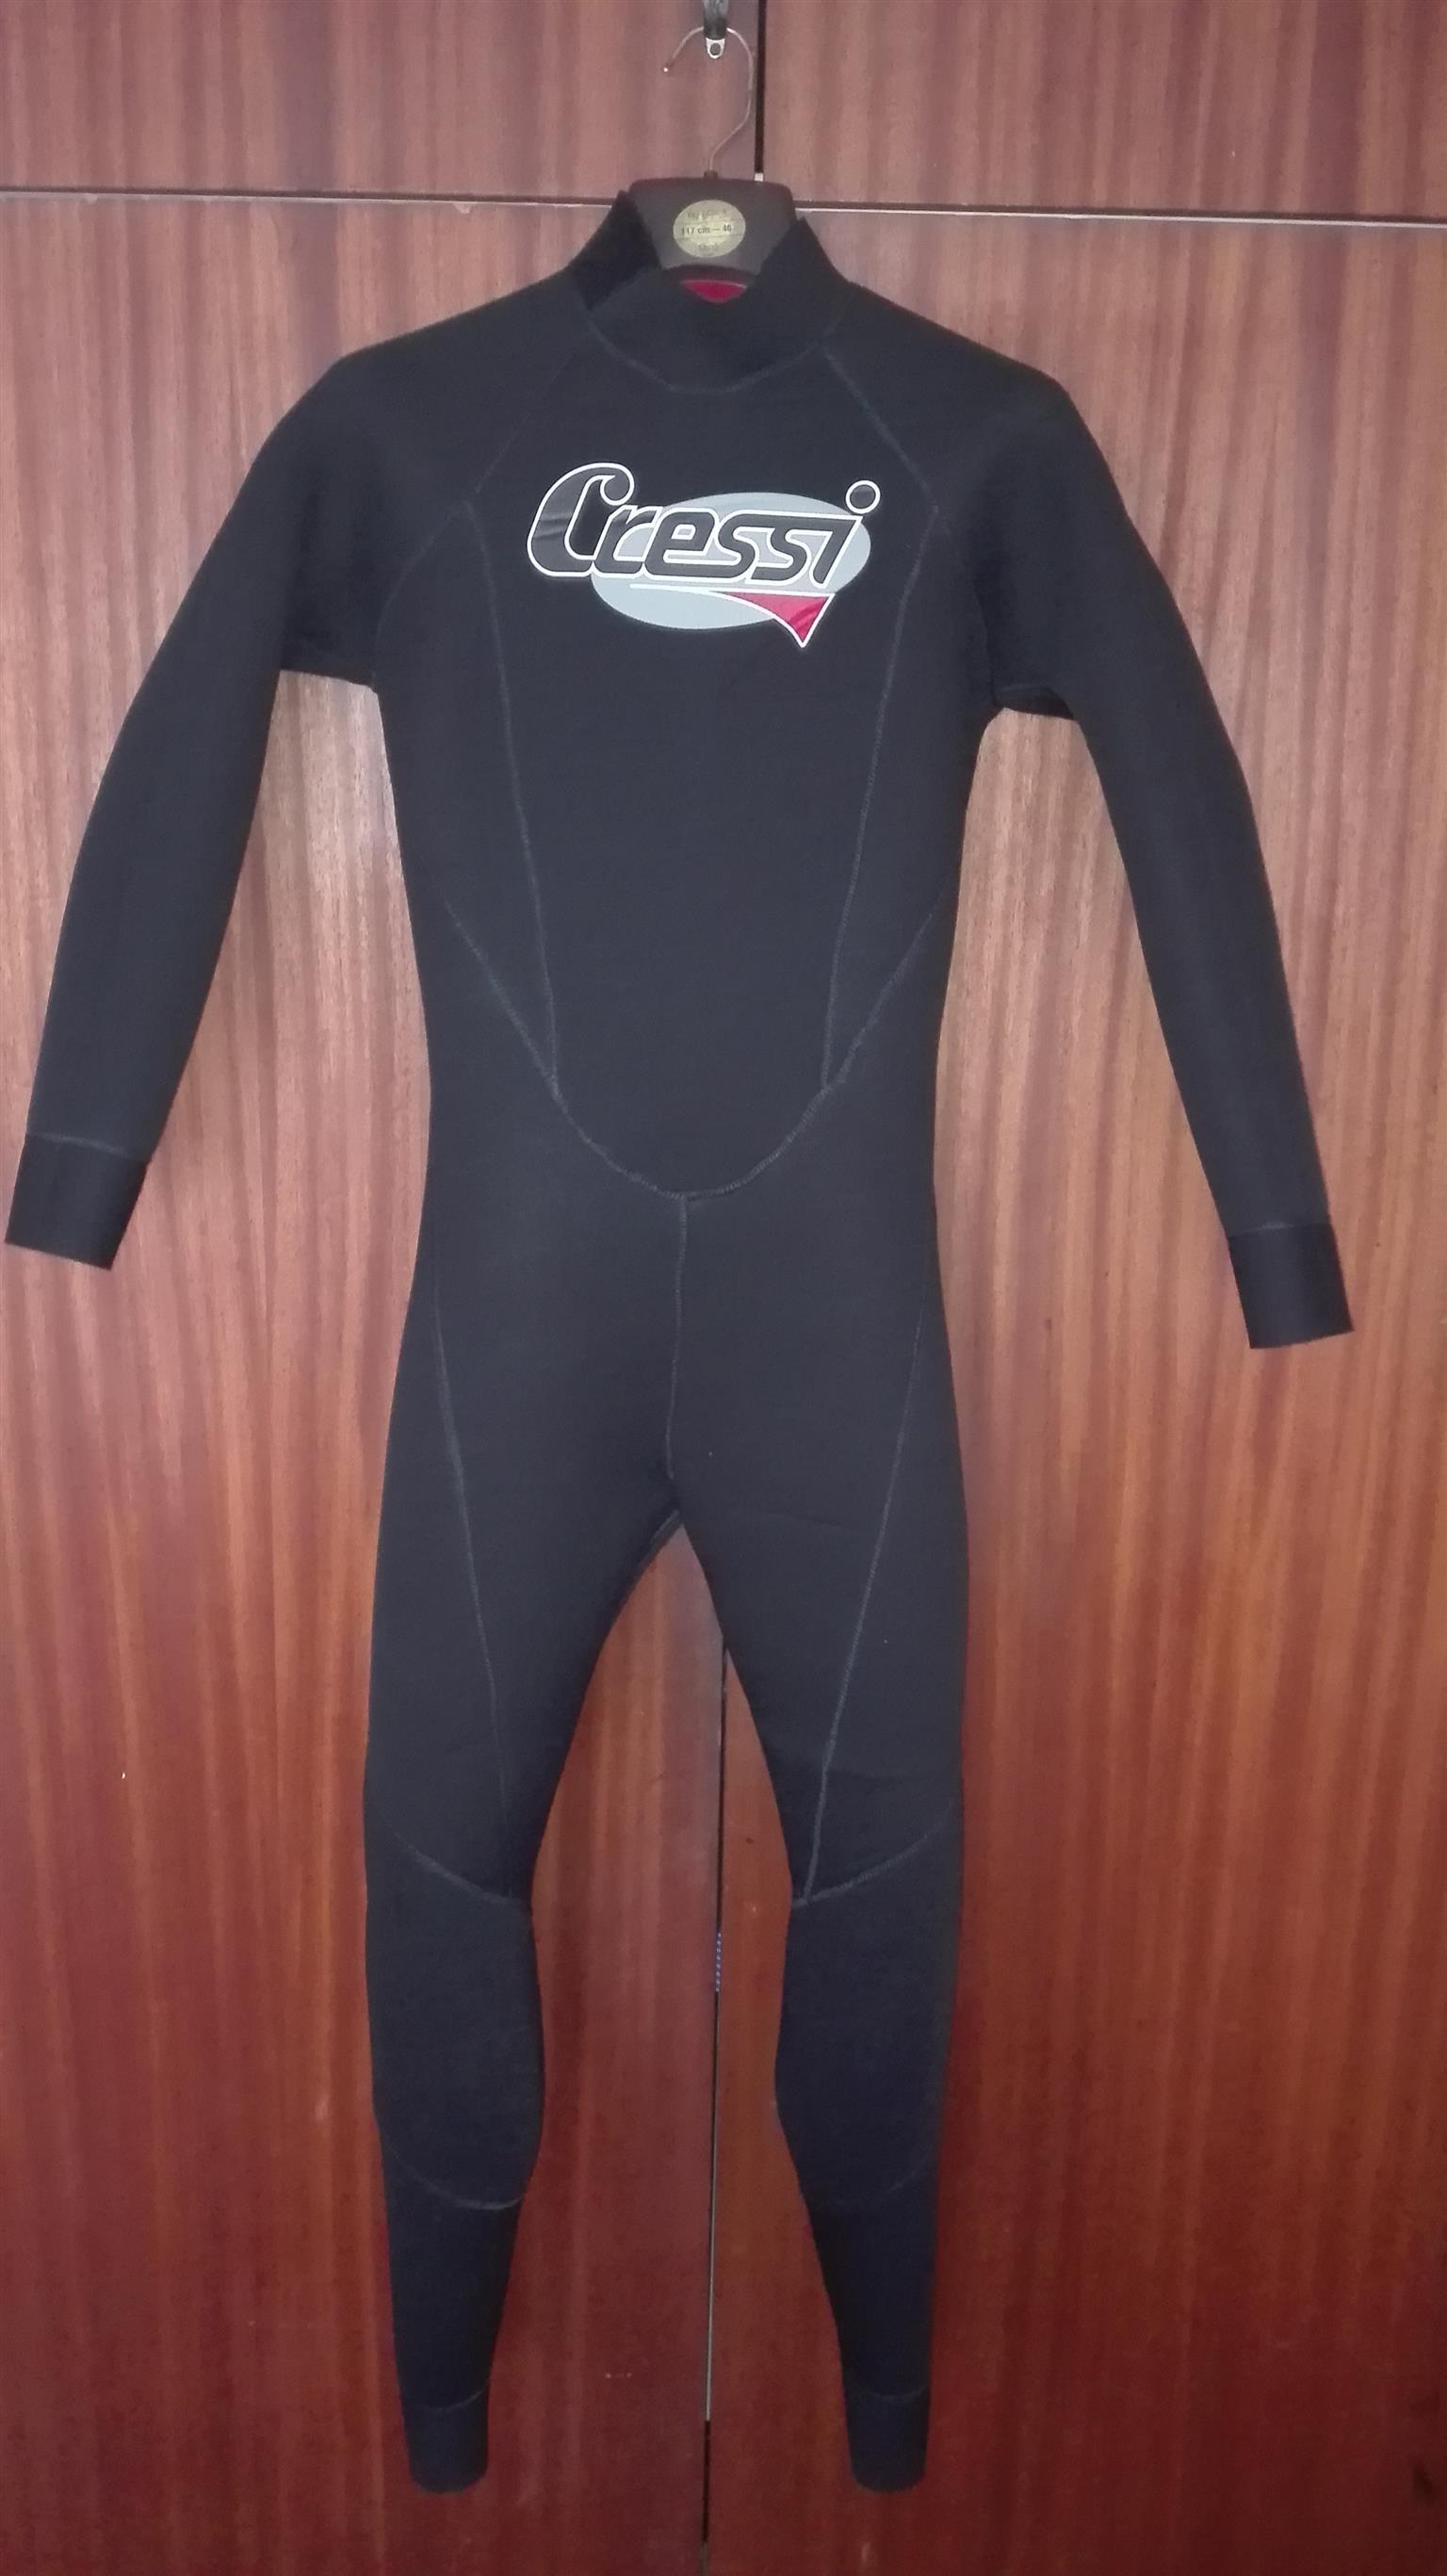 Cressi Sub Wetsuits